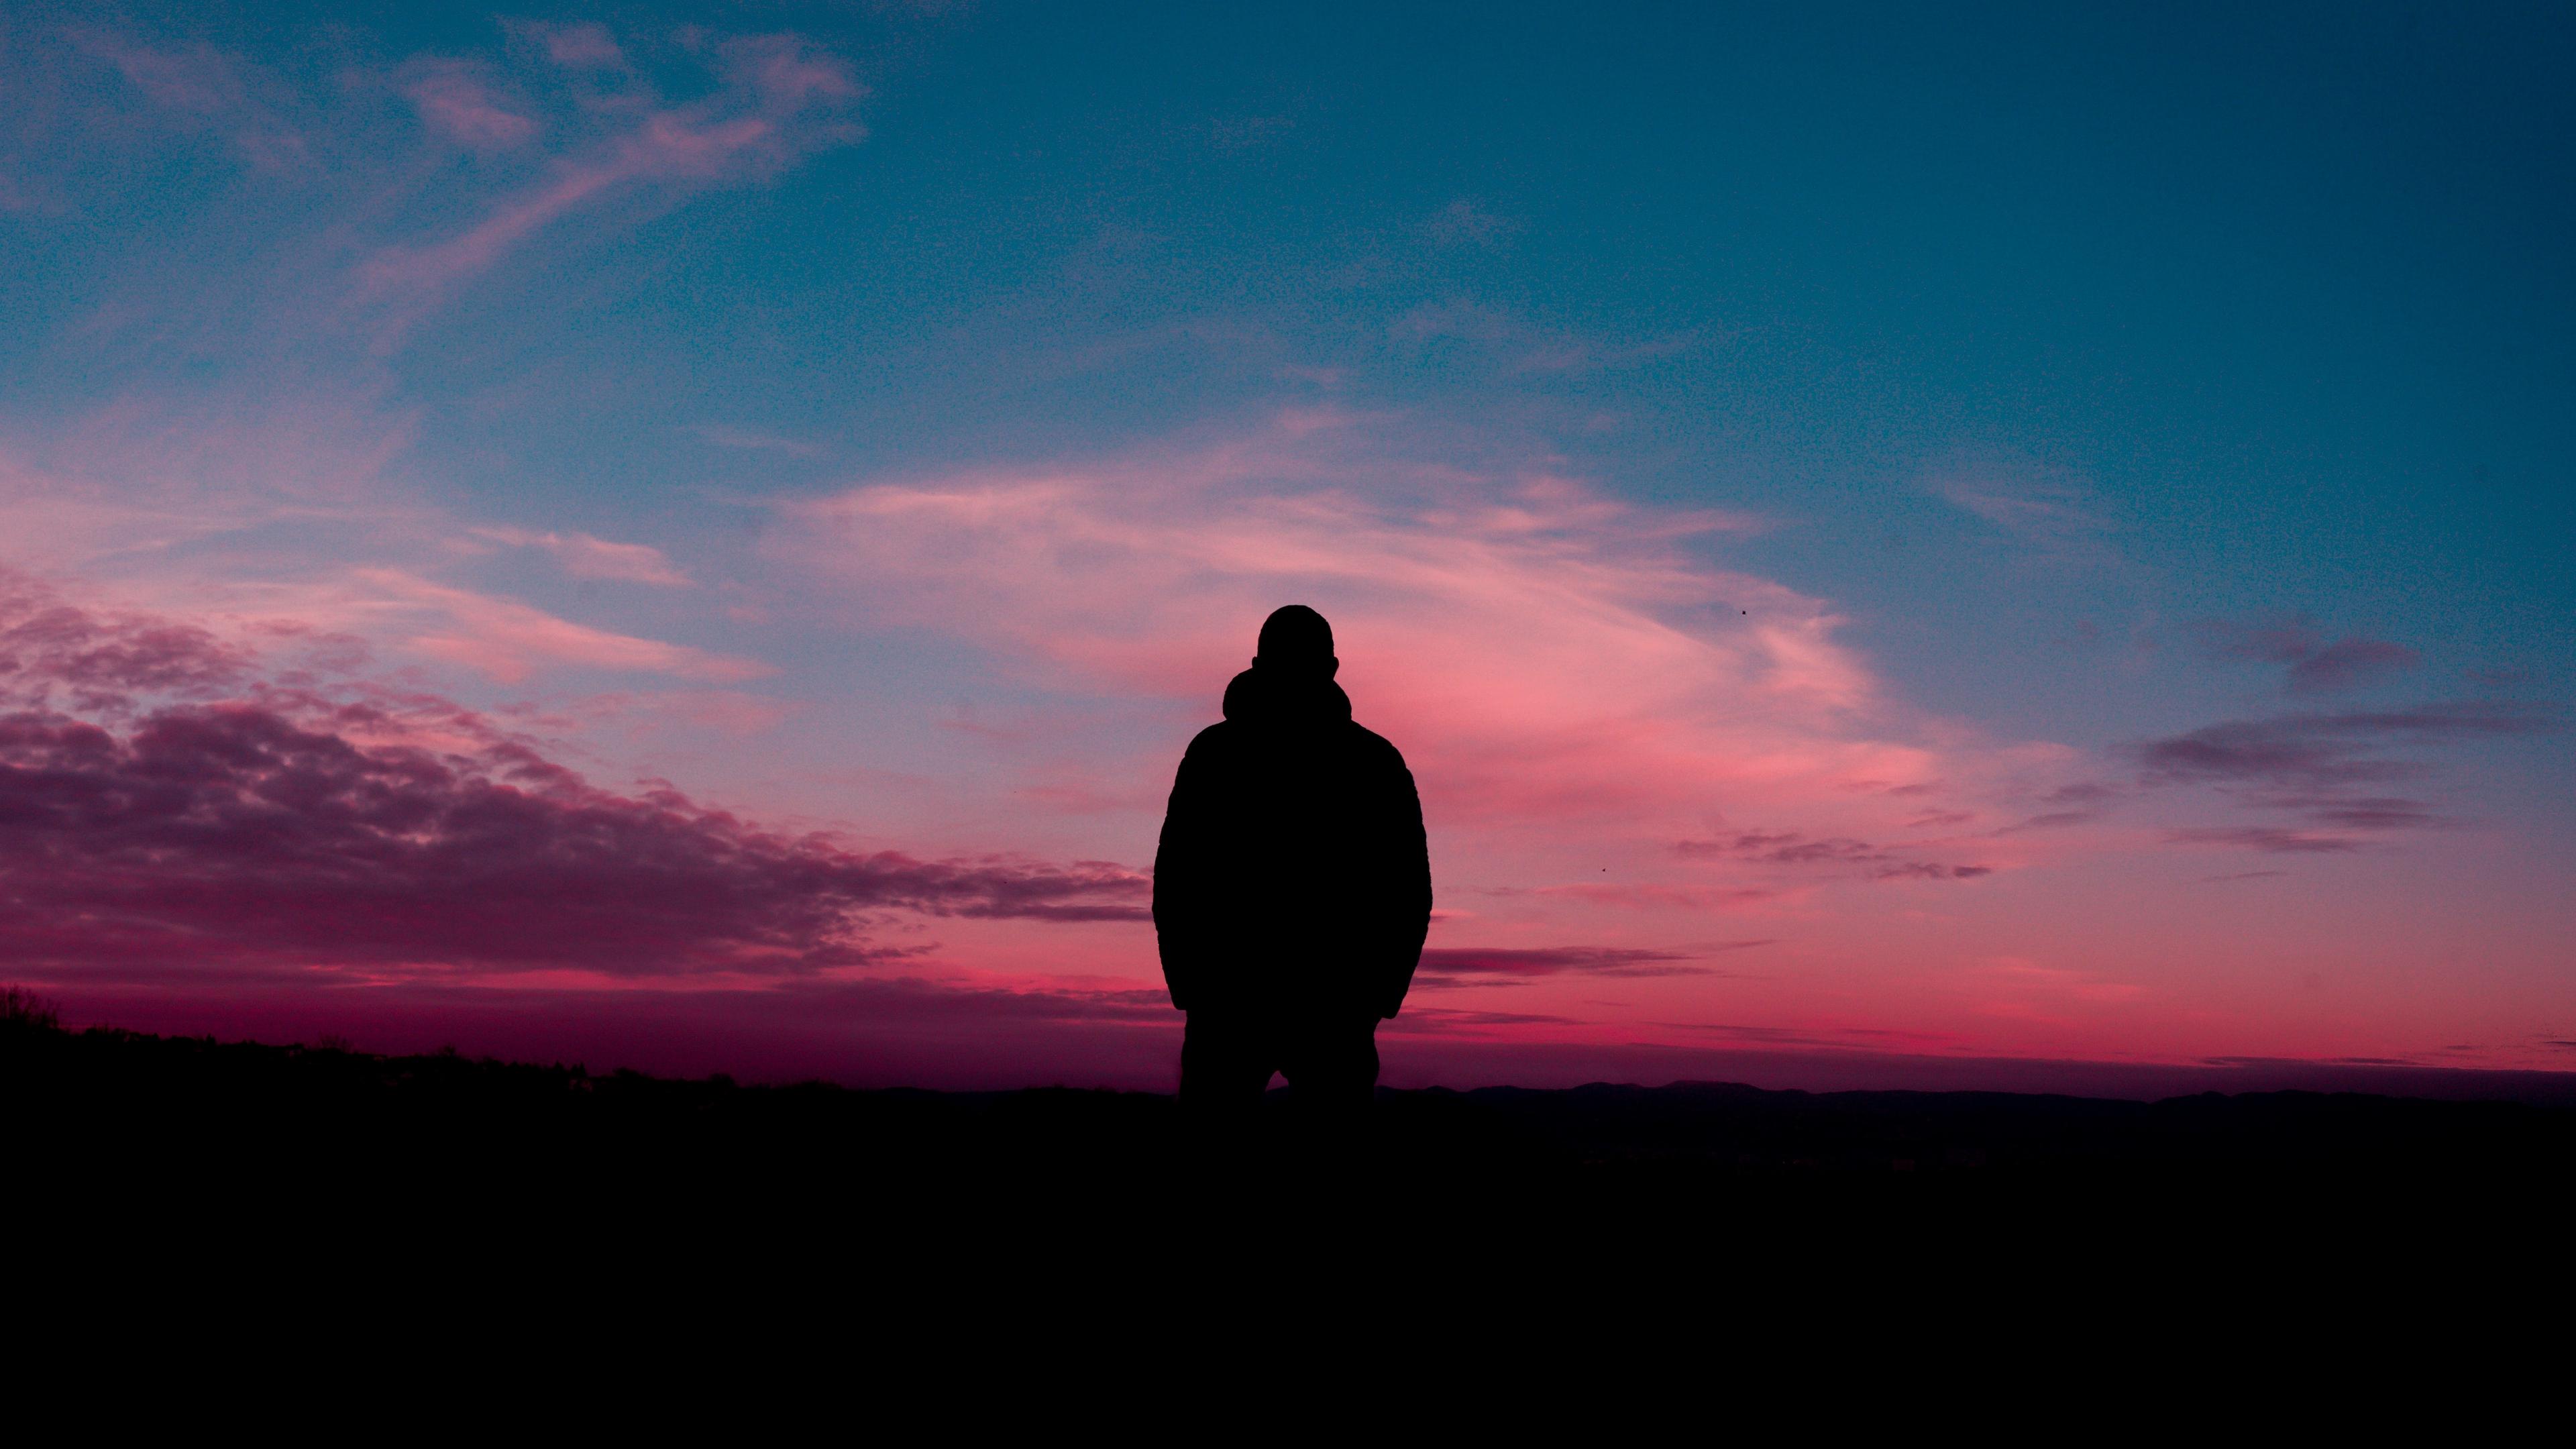 silhouette sunset horizon alone solitude 4k 1540575344 - silhouette, sunset, horizon, alone, solitude 4k - sunset, Silhouette, Horizon